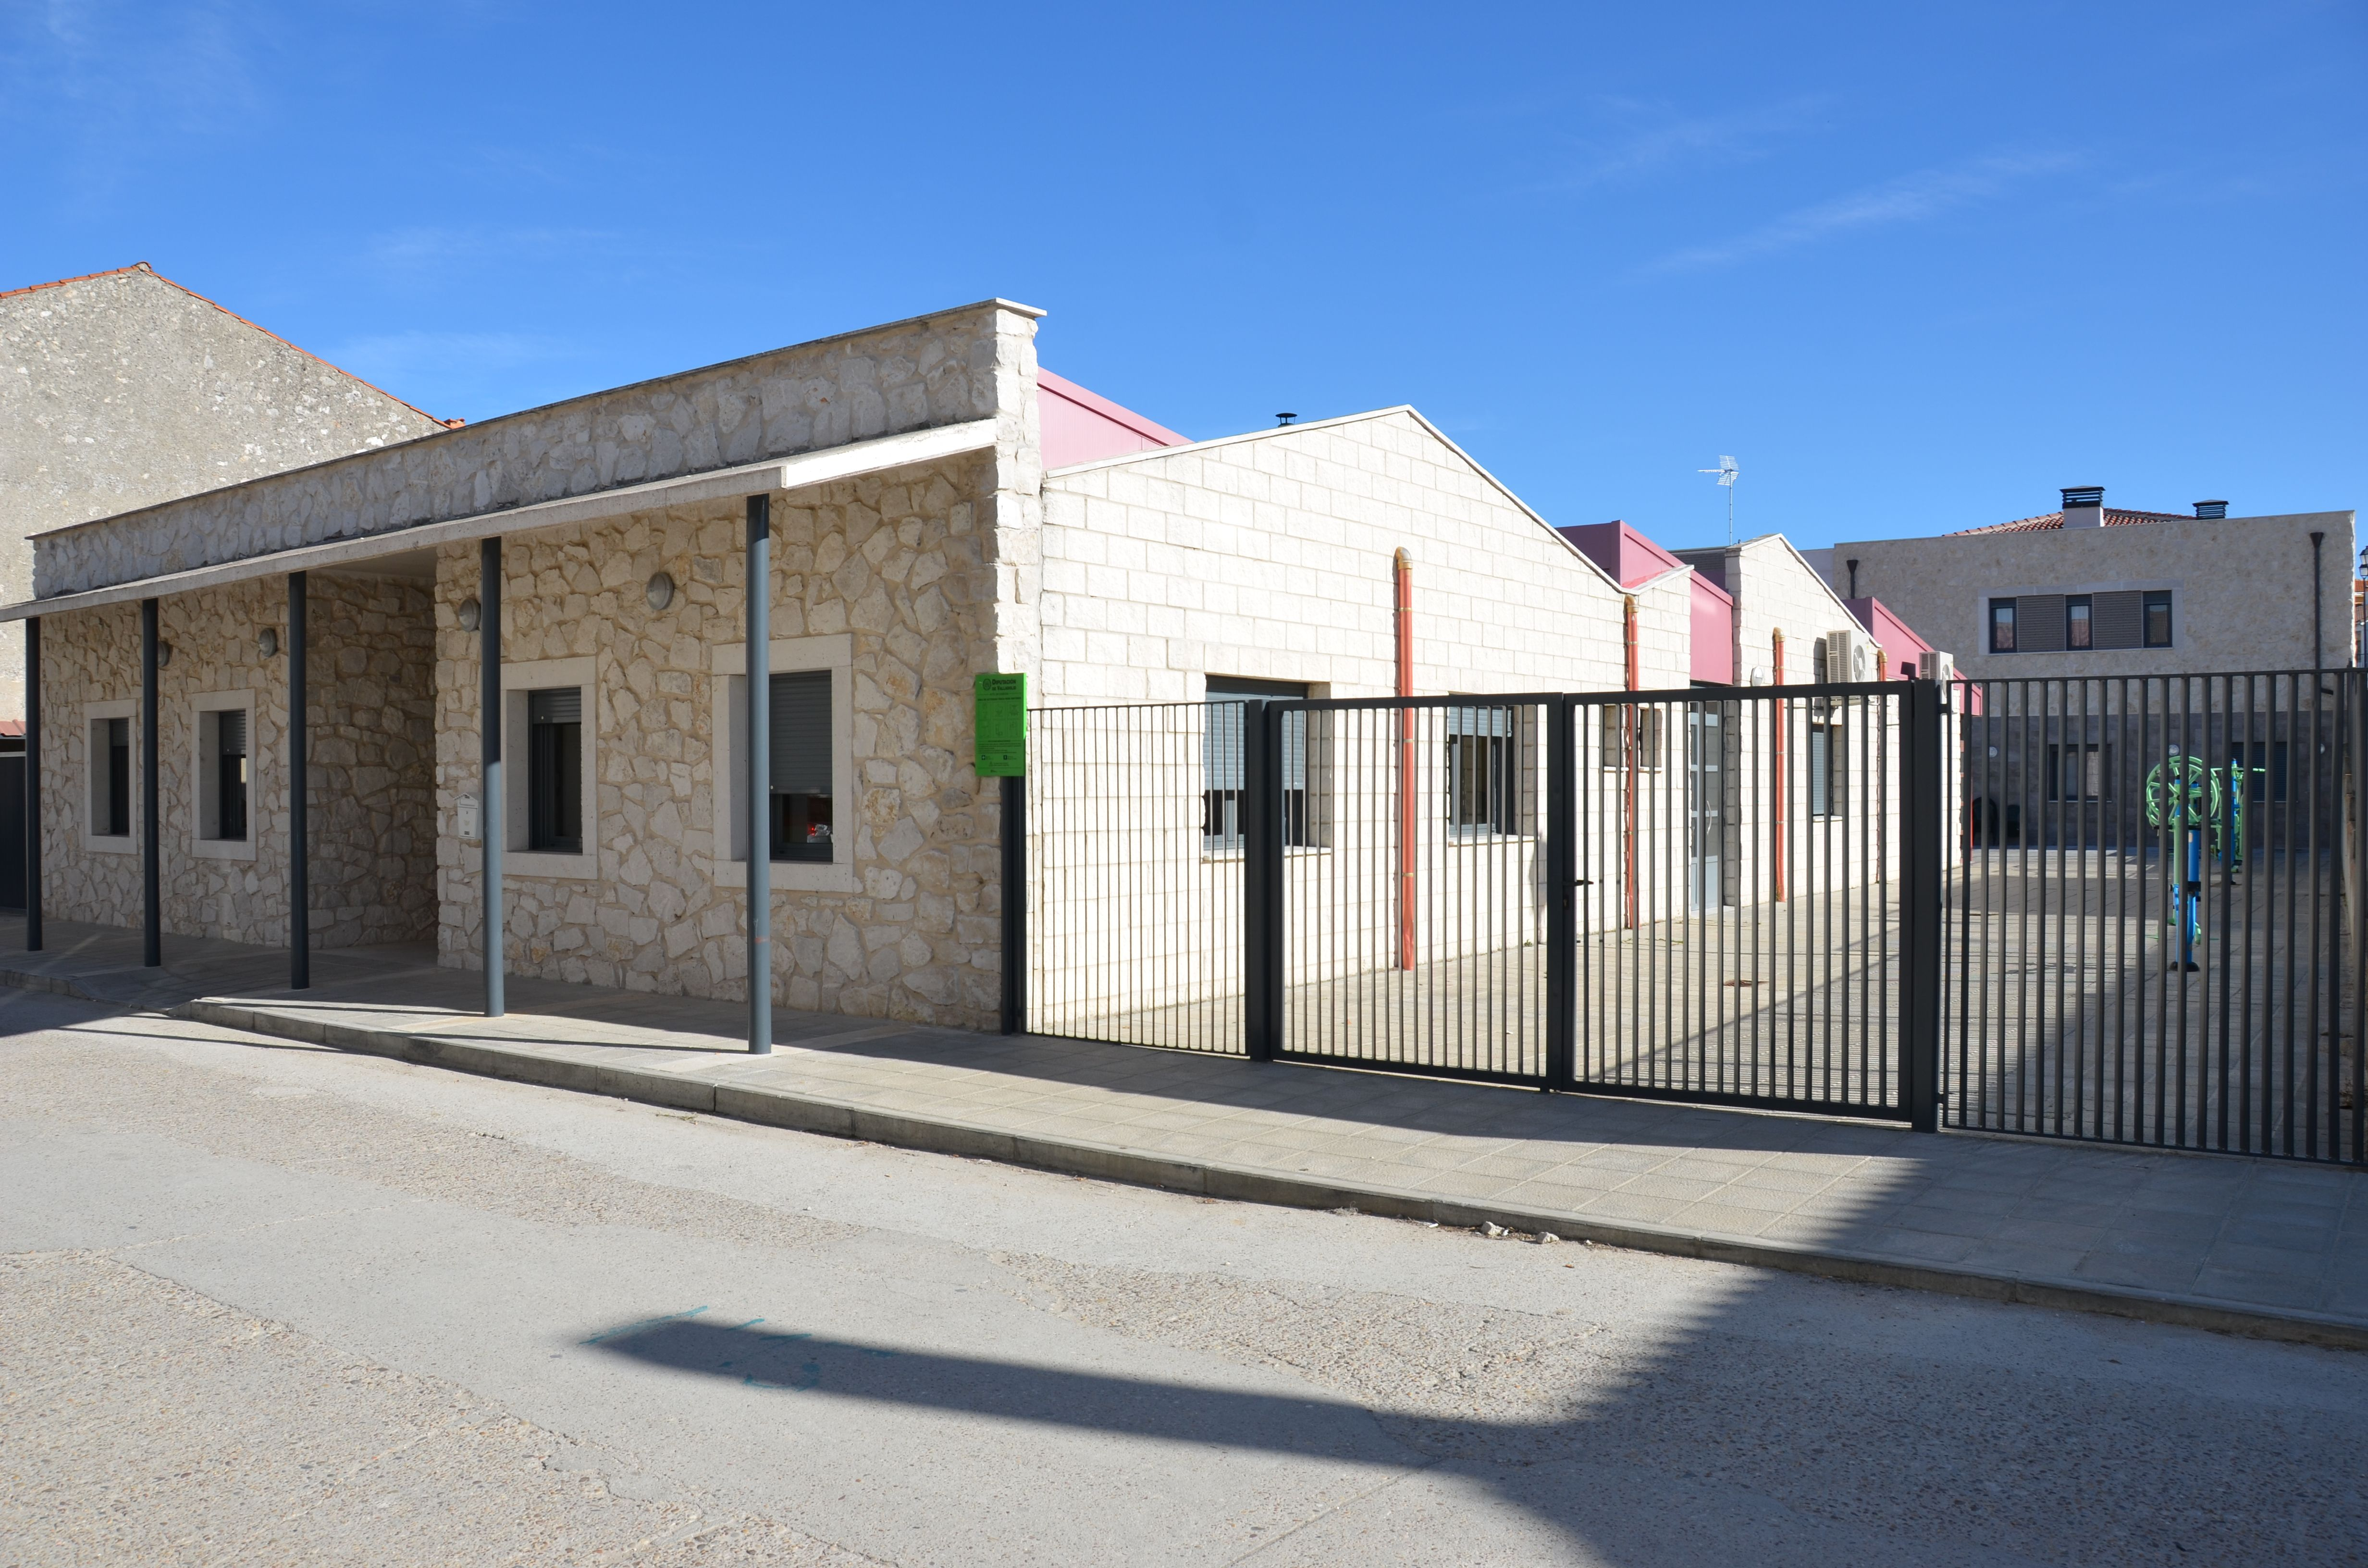 Foto 6 de Residencias 3ª edad en Valladolid | Asfa 21 Servicios Sociales